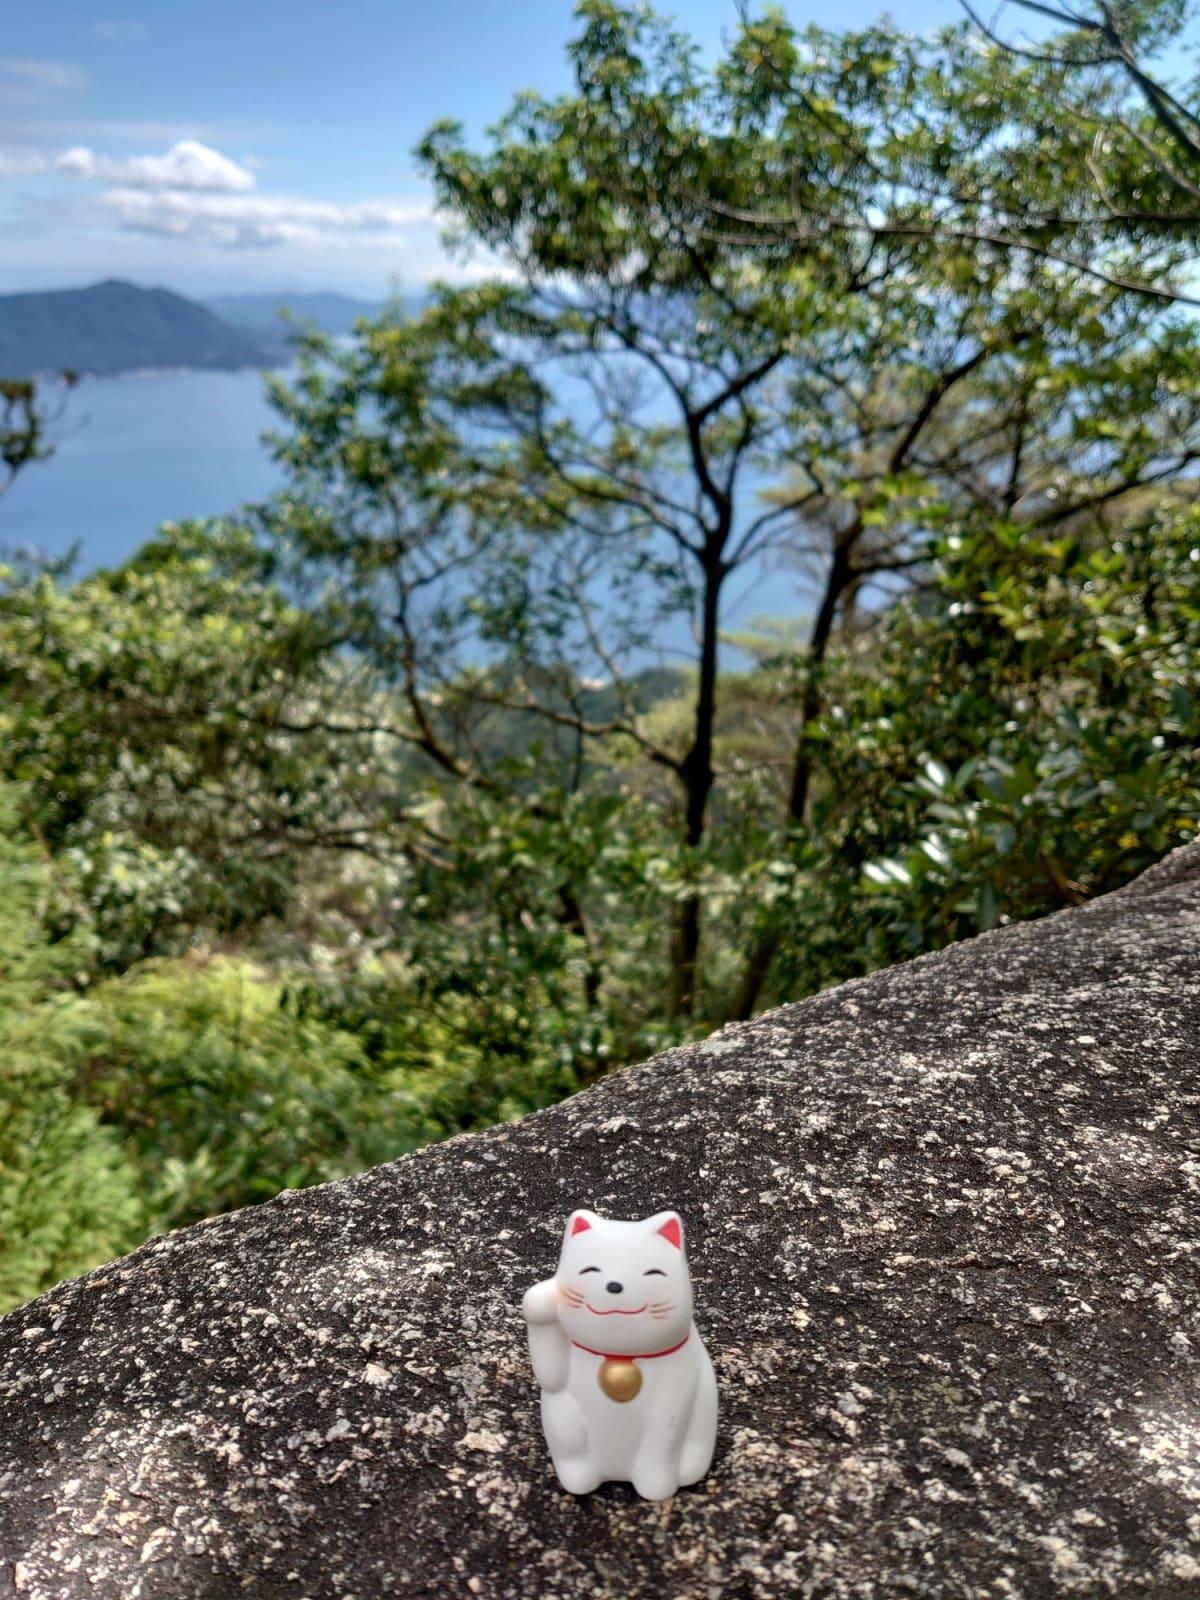 広島。宮島の弥山にて 弥山本堂まで行くのがやっとでした。霊火堂の消えずの火で沸かされた白湯を頂いて、猫様のおみくじを引いてきました。どの子も顔が違くてとても可愛らしいです。船室に飾って癒されていました♪ | 広島